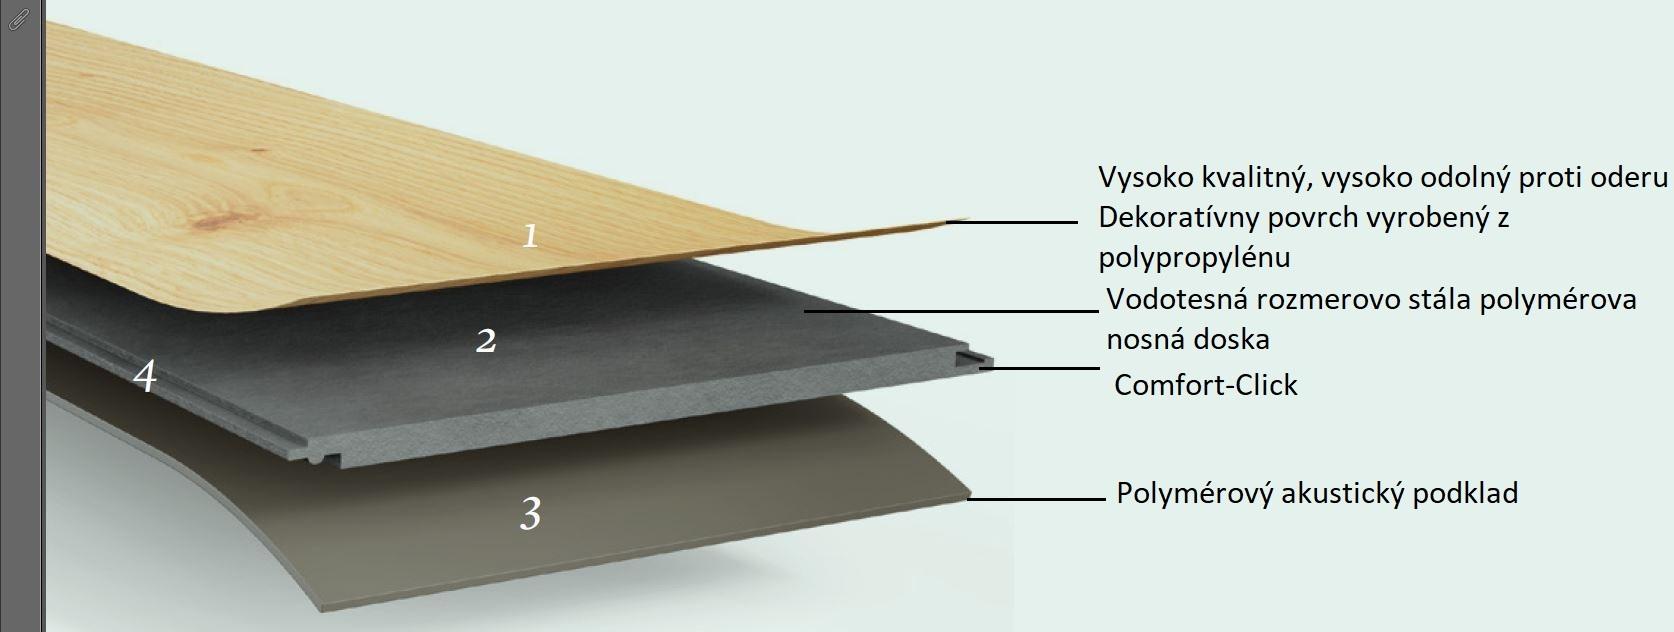 Zloženie podlahy Parador Modular One Hydron 600